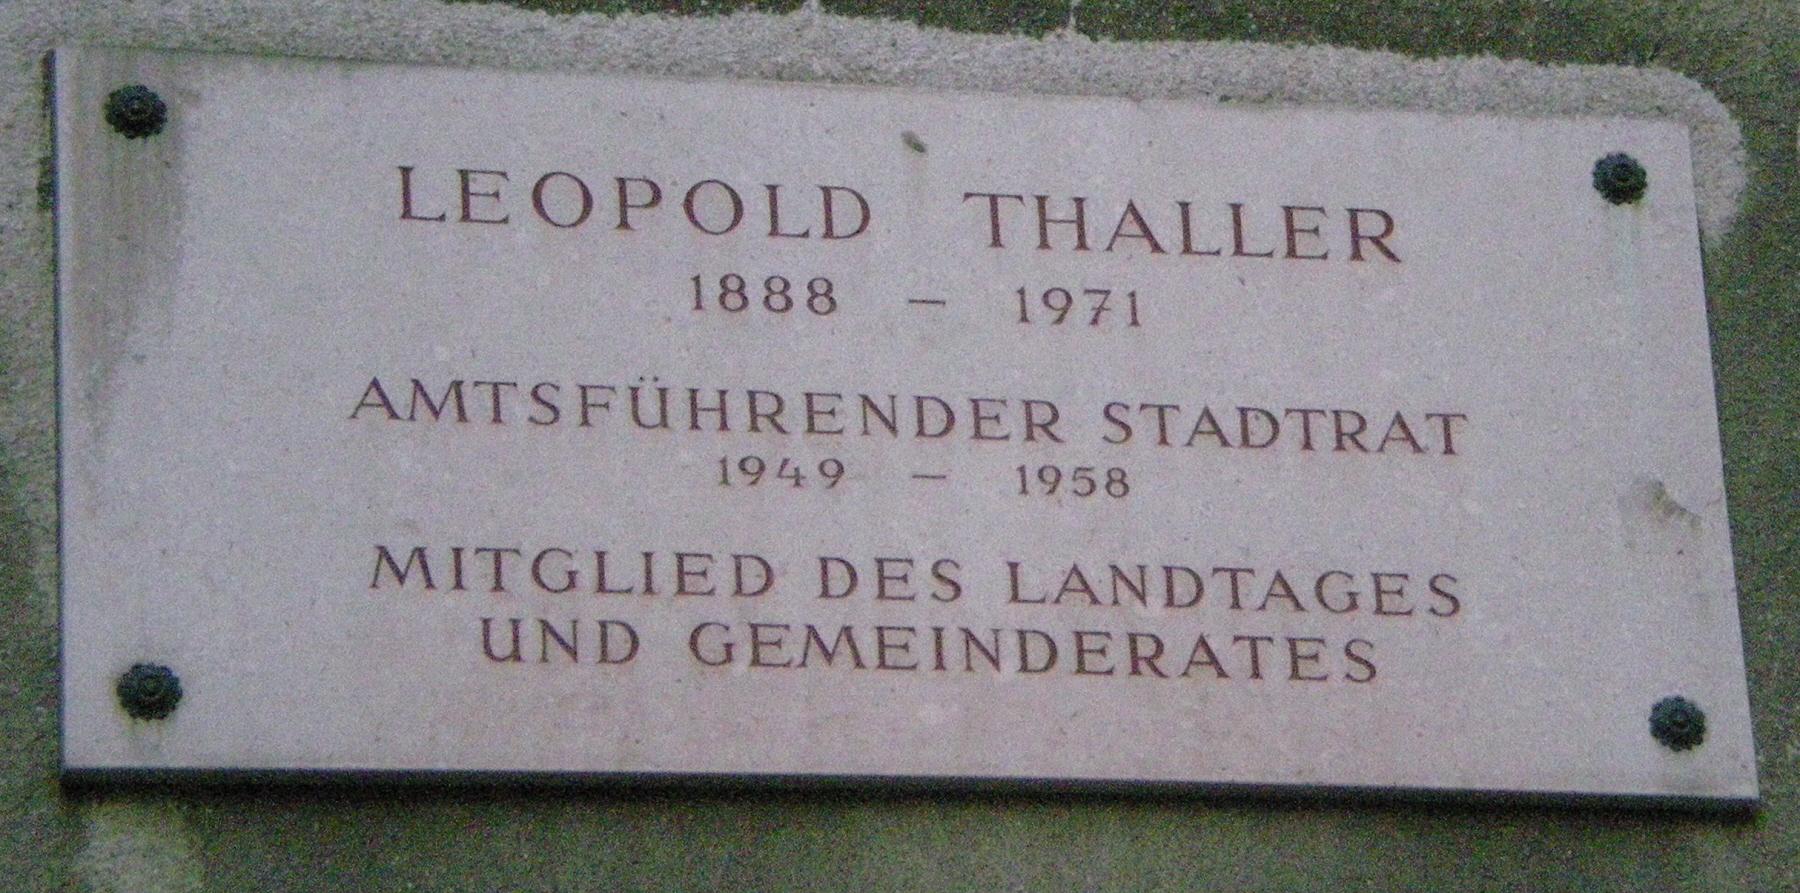 GuentherZ 2010-02-22 5456 Baumgasse Gedenktafel Leopold Thaller.jpg